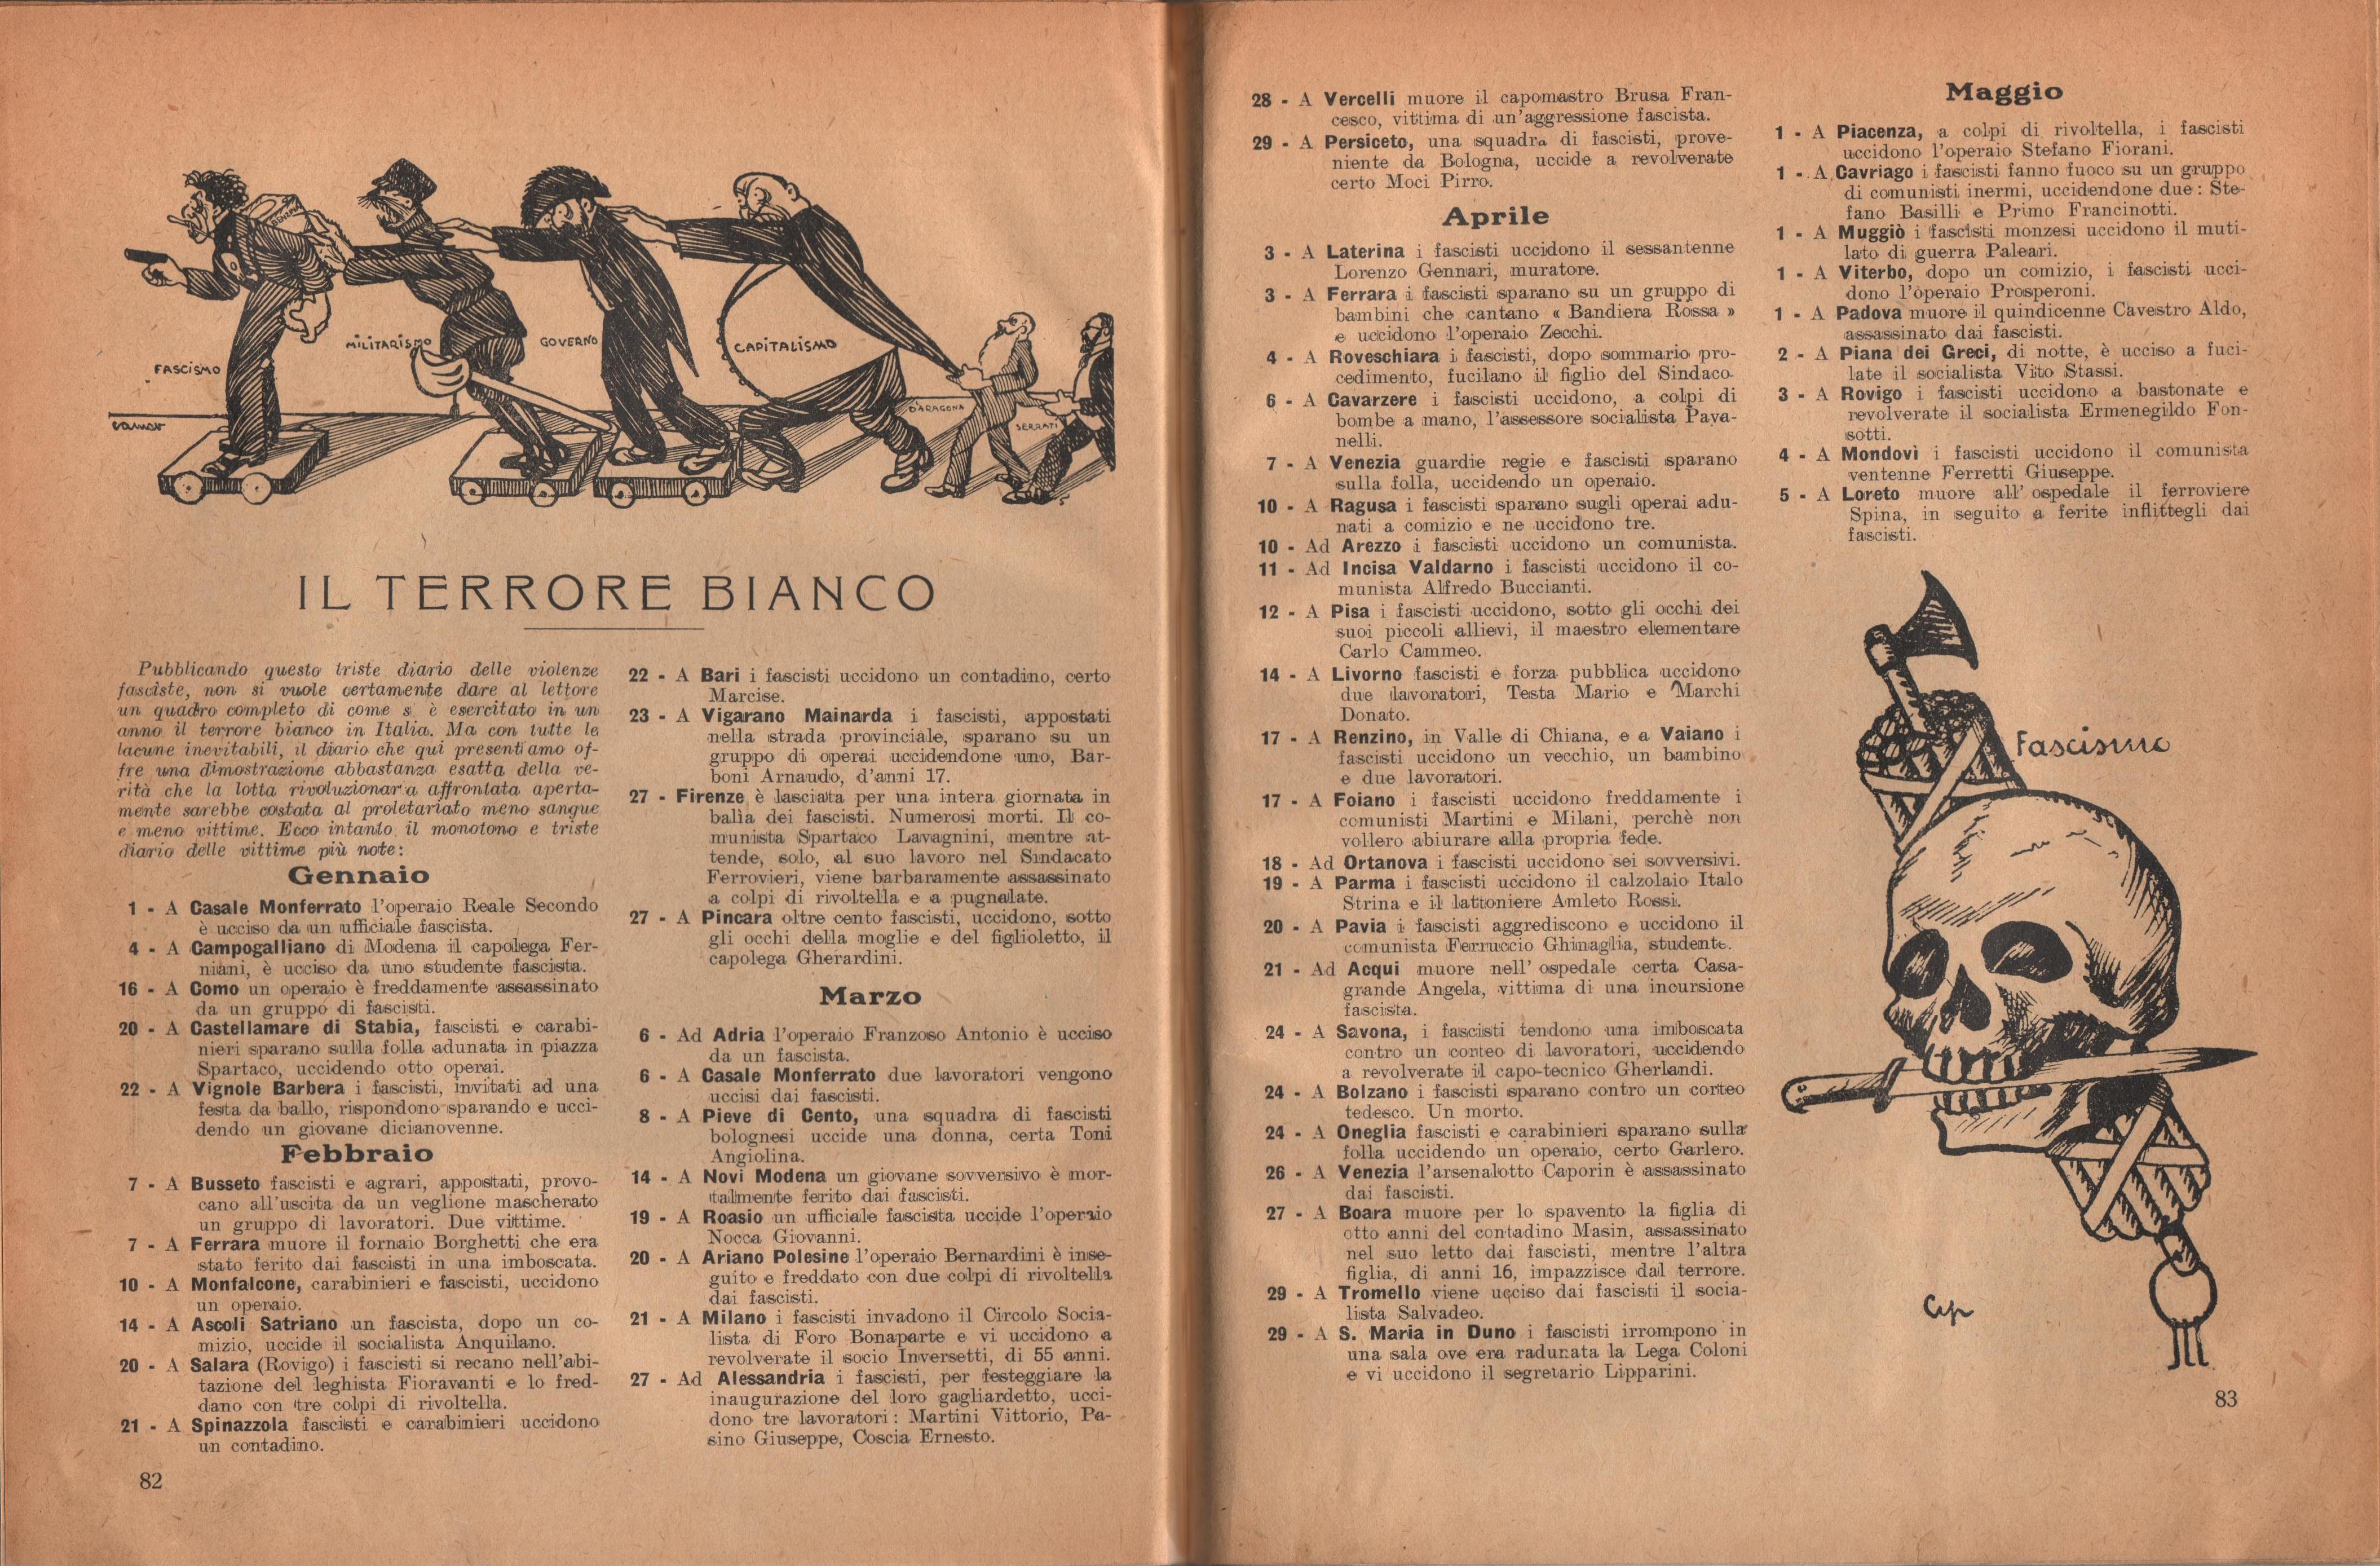 Almanacco comunista 1922 - pag. 50